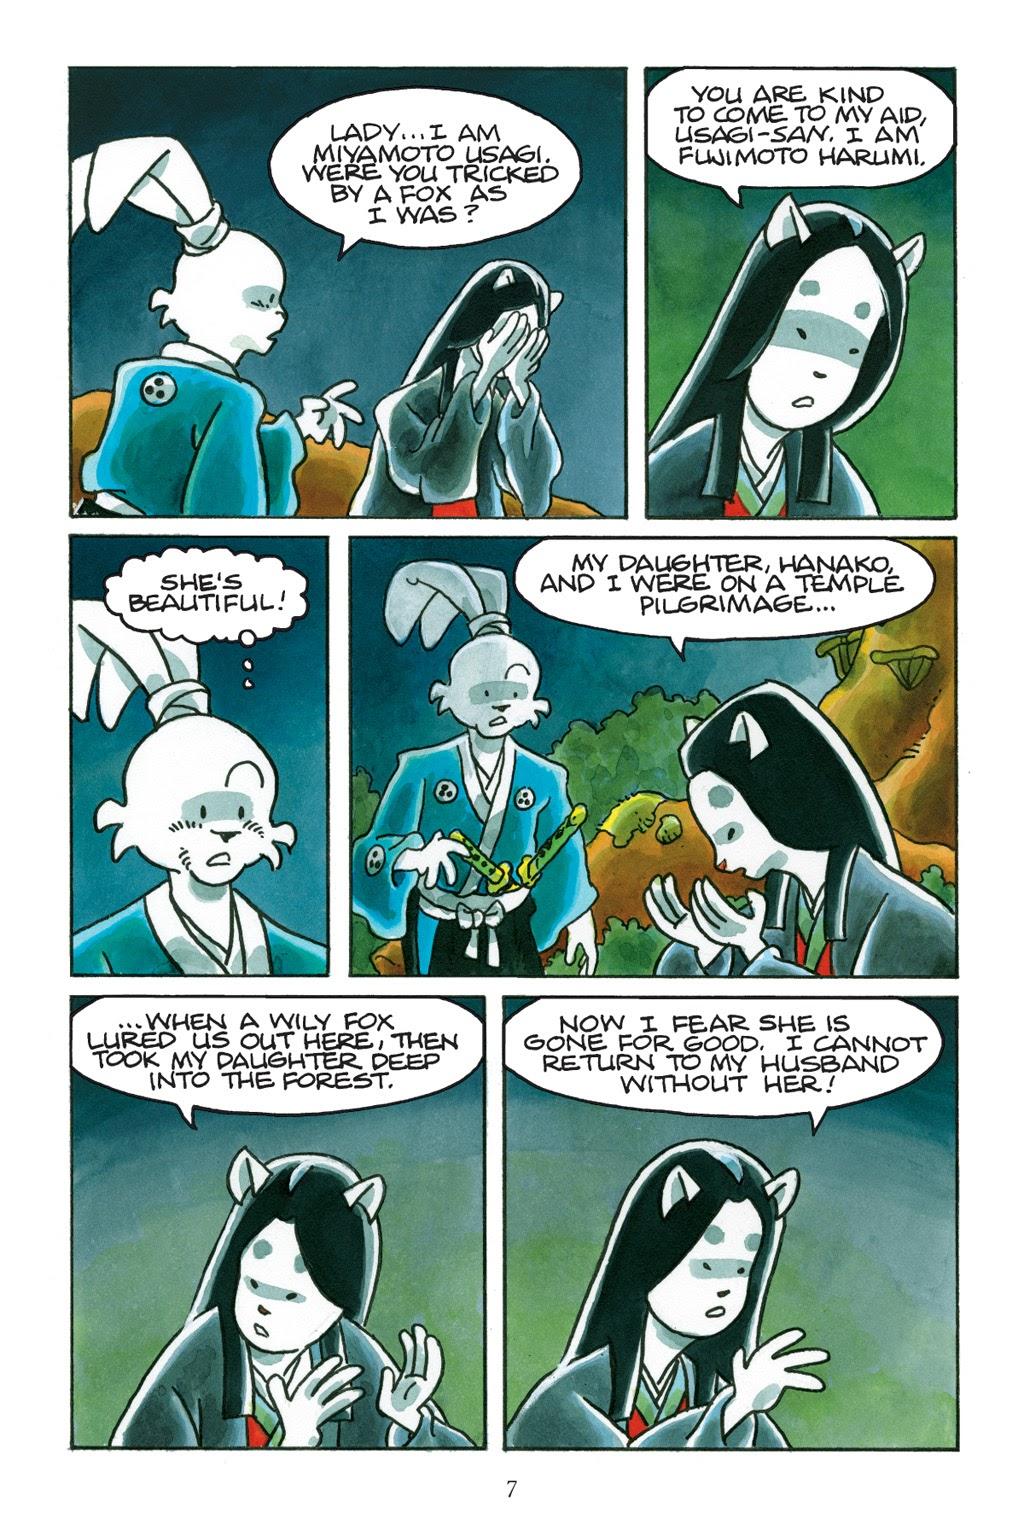 Read online Usagi Yojimbo: Yokai comic -  Issue # Full - 8